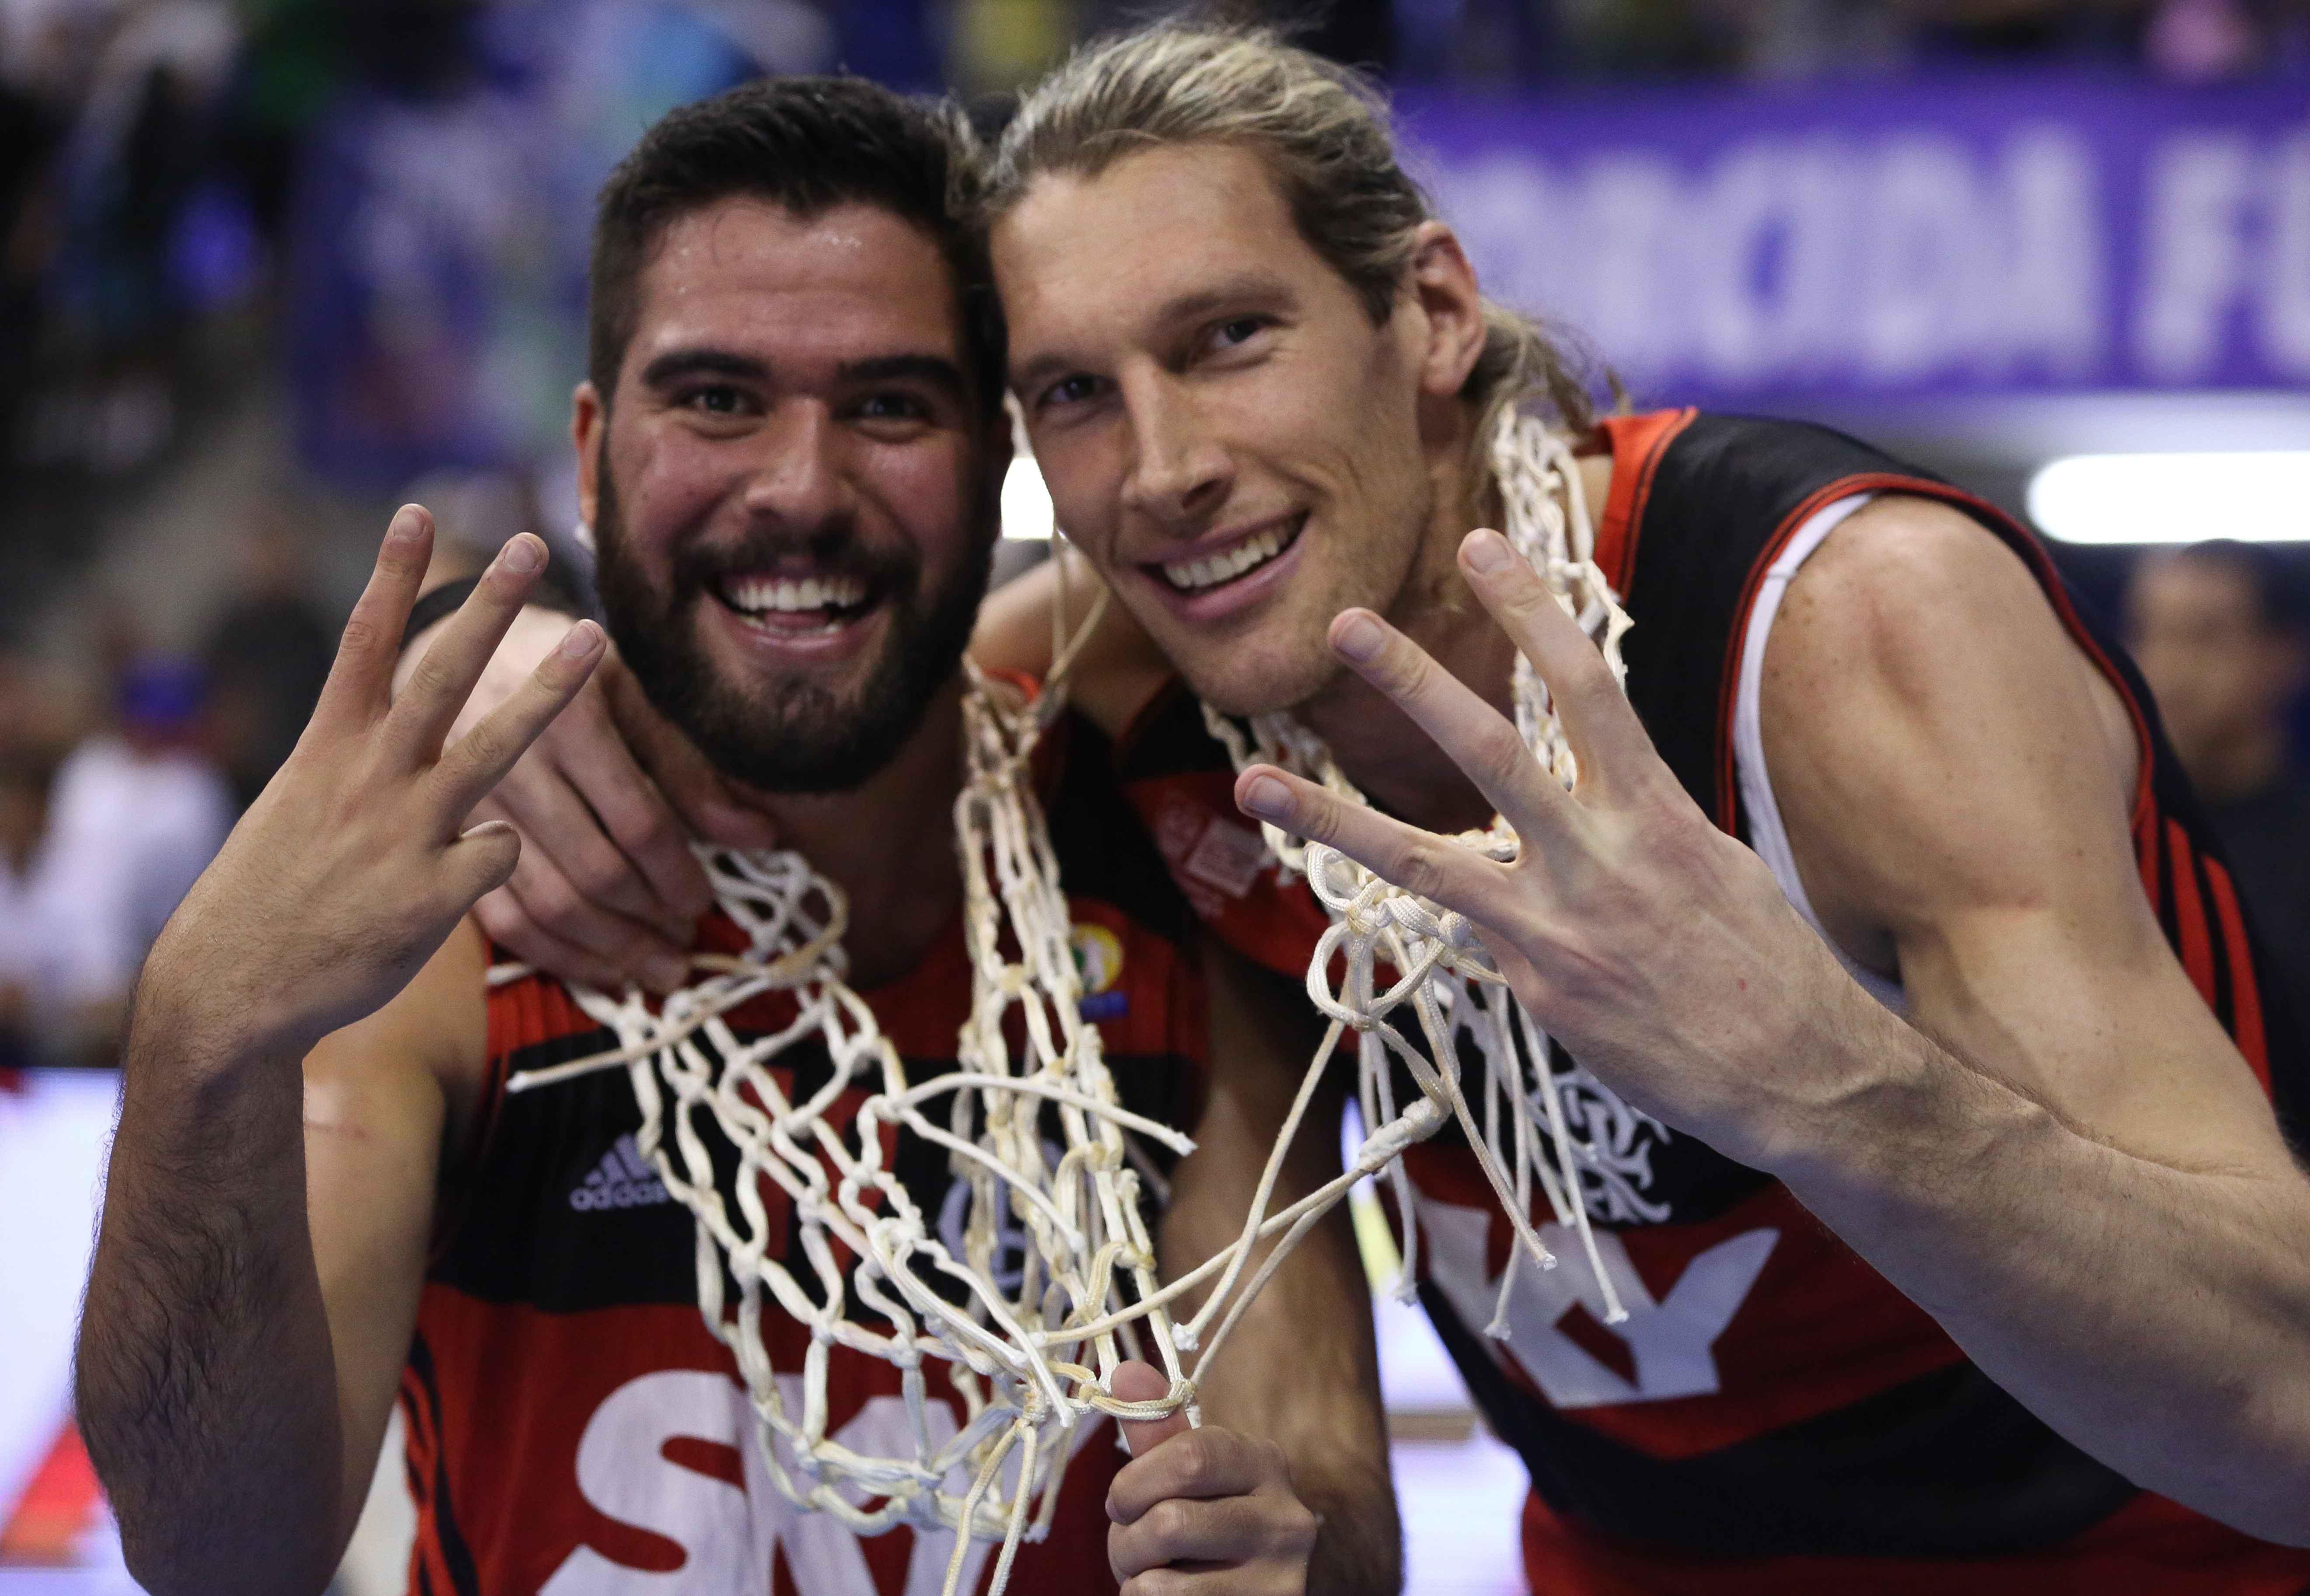 Gegê e Herrmann, do Flamengo